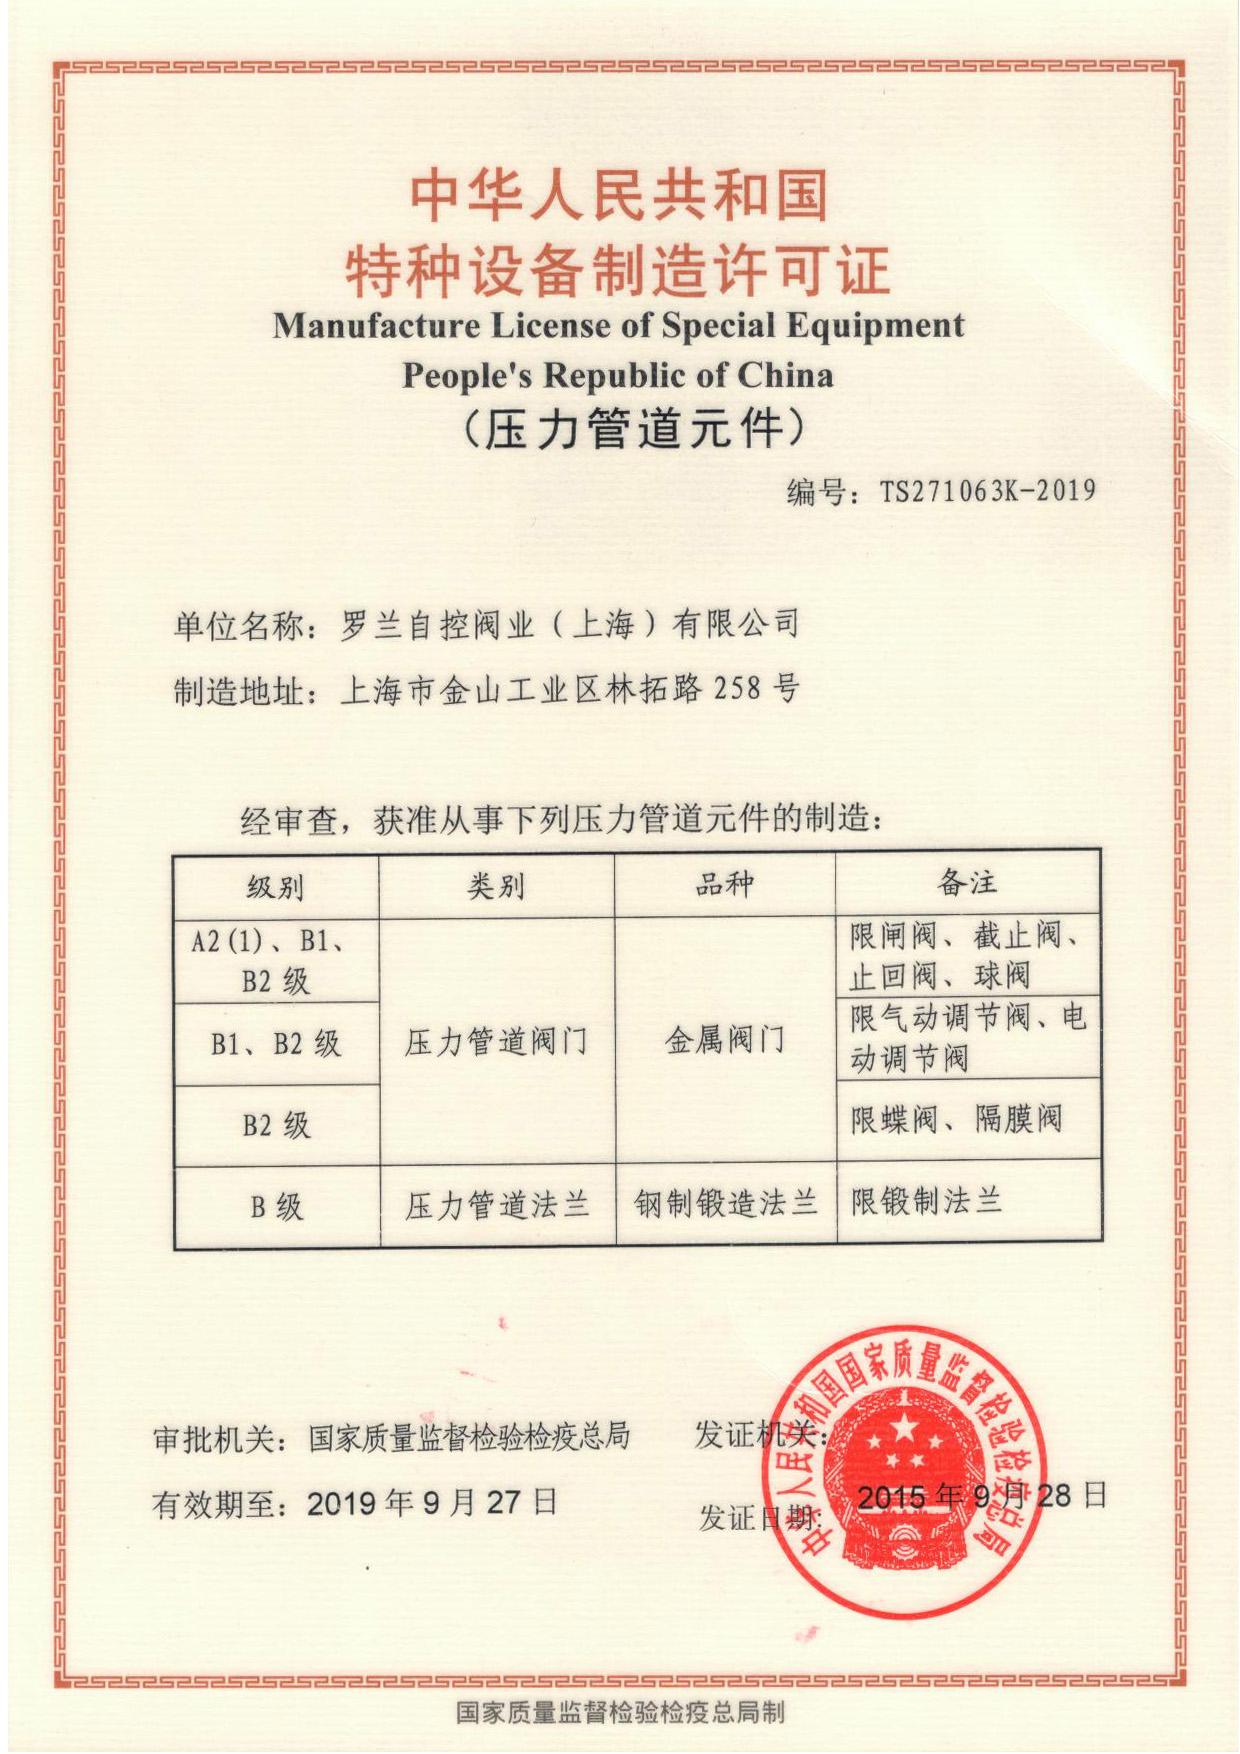 祝贺我公司取得特种设备制造许可证